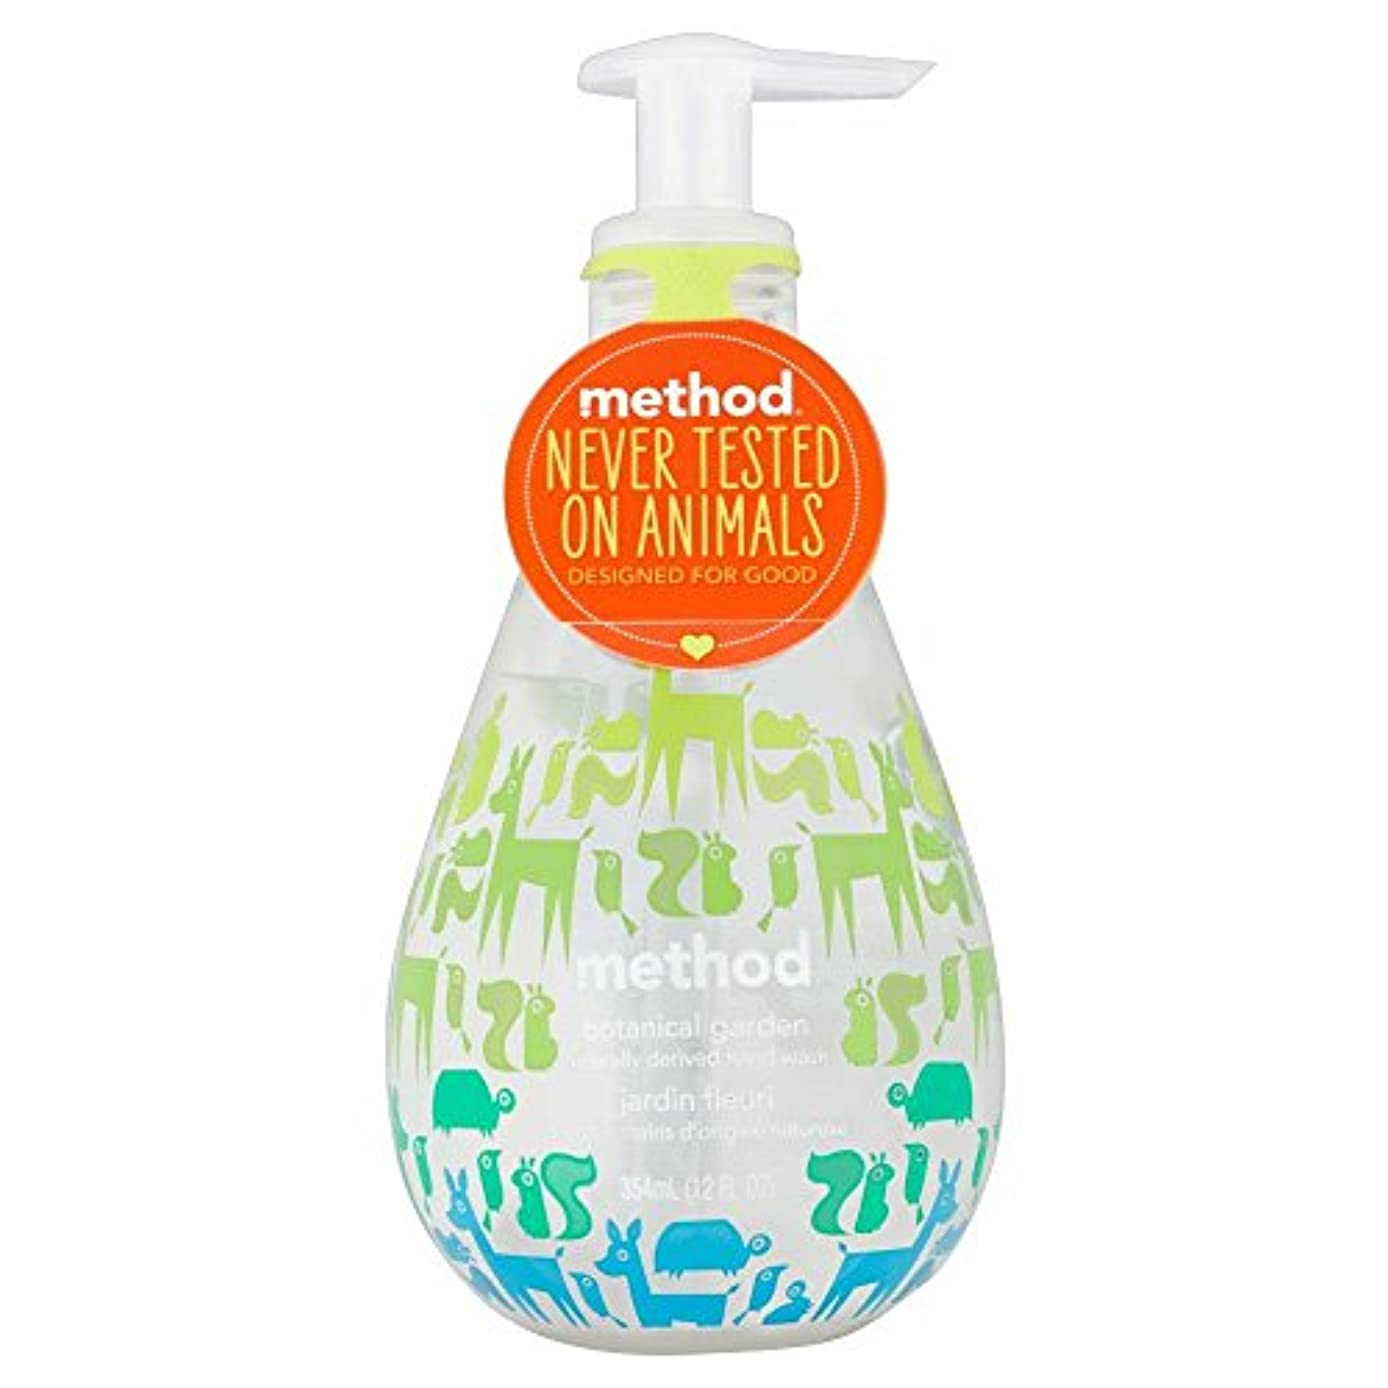 シェトランド諸島埋め込む夏Method Hand Wash - Botanical Garden (354ml) メソッドハンドウォッシュ - 植物園( 354ミリリットル) [並行輸入品]